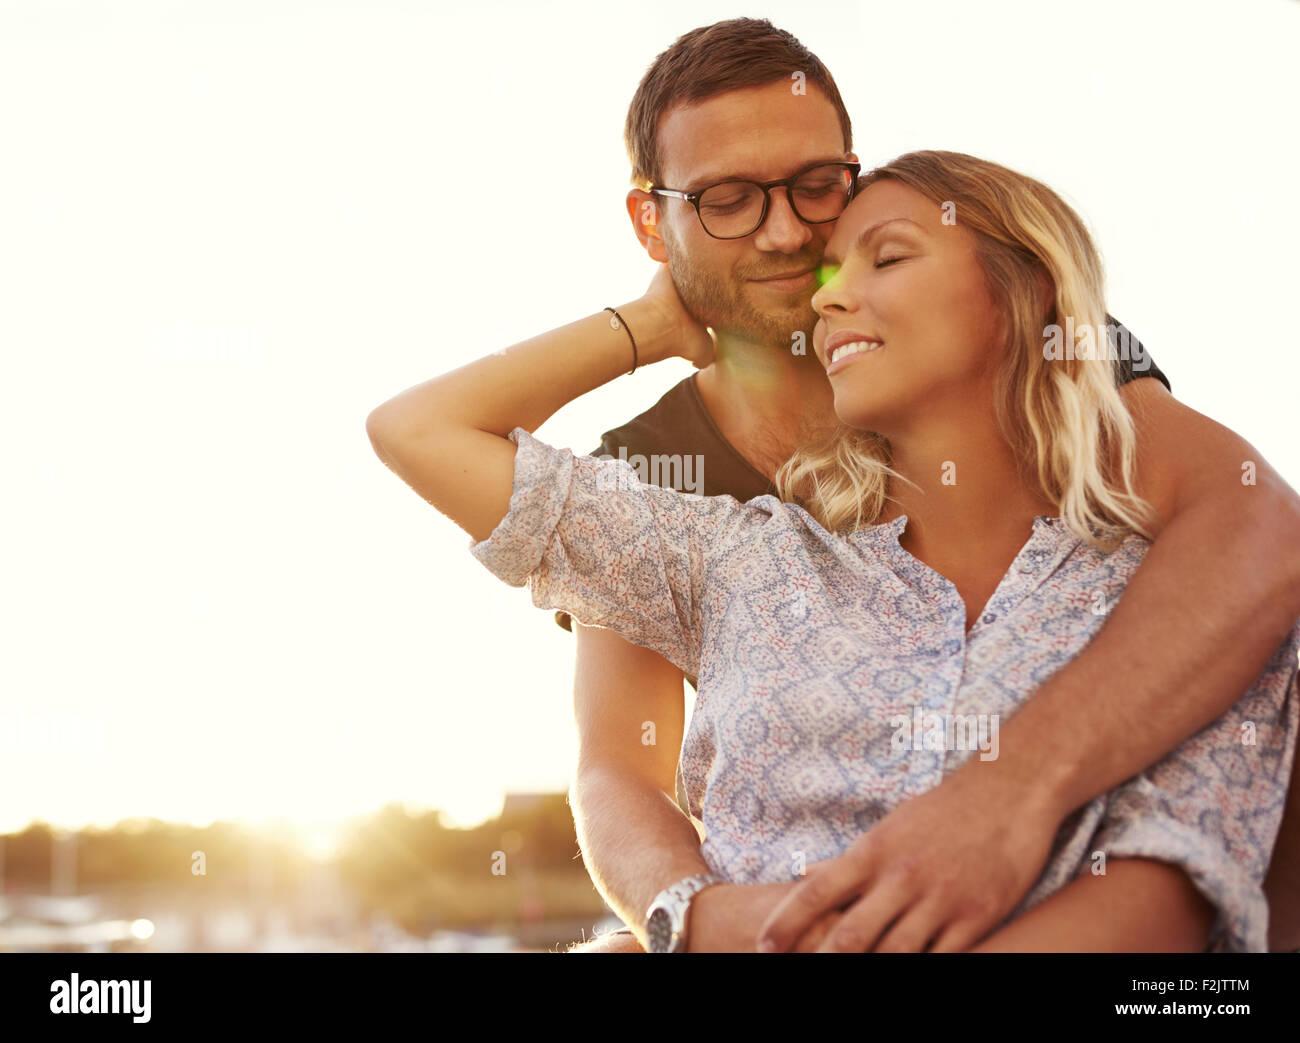 Mari et femme en vacances sur un été chaud Photo Stock